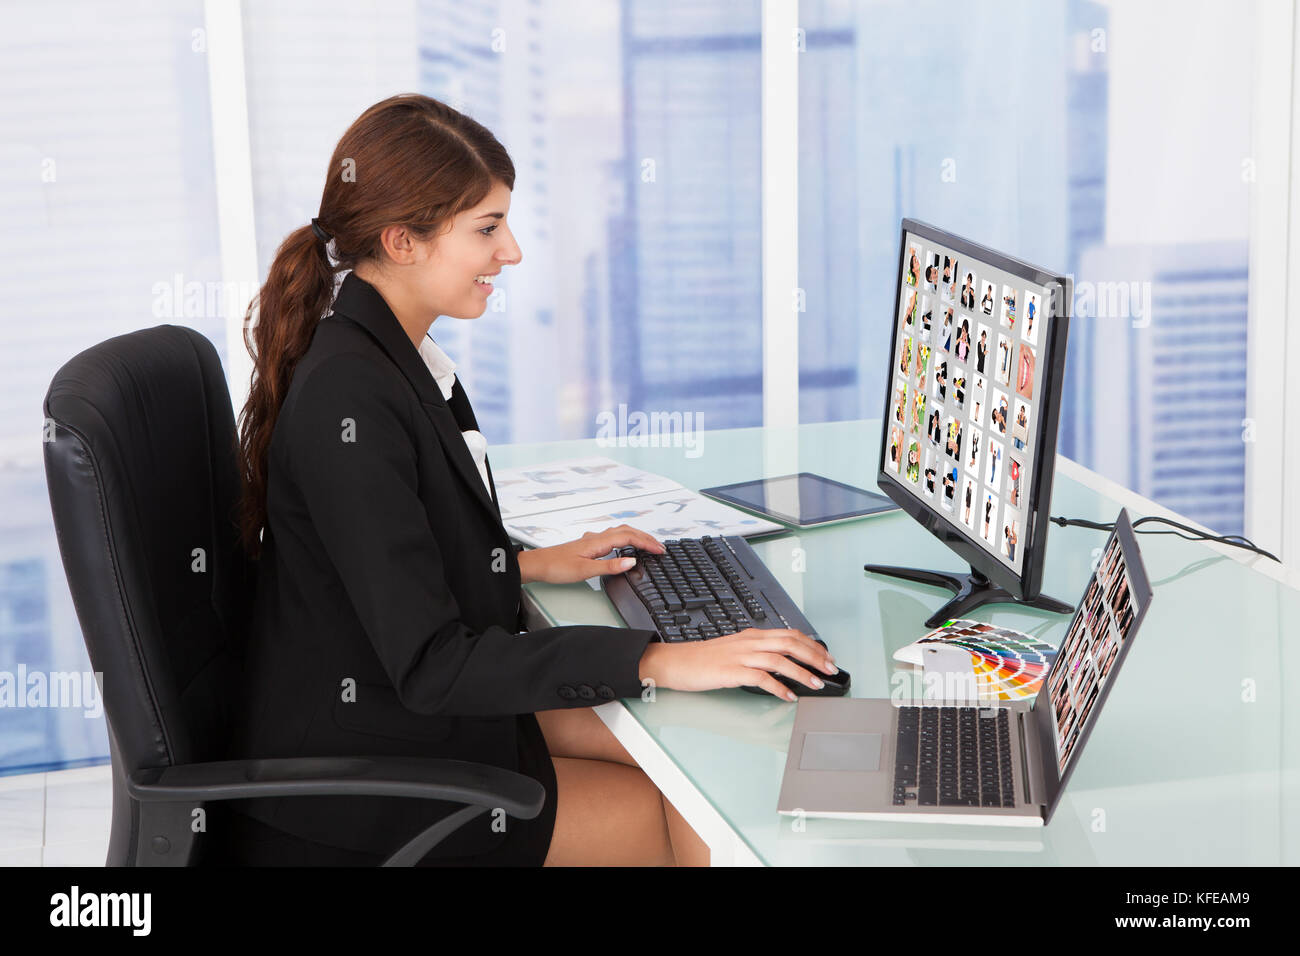 Junge geschäftsfrau an Farbmuster computer Schreibtisch im Büro suchen Stockbild